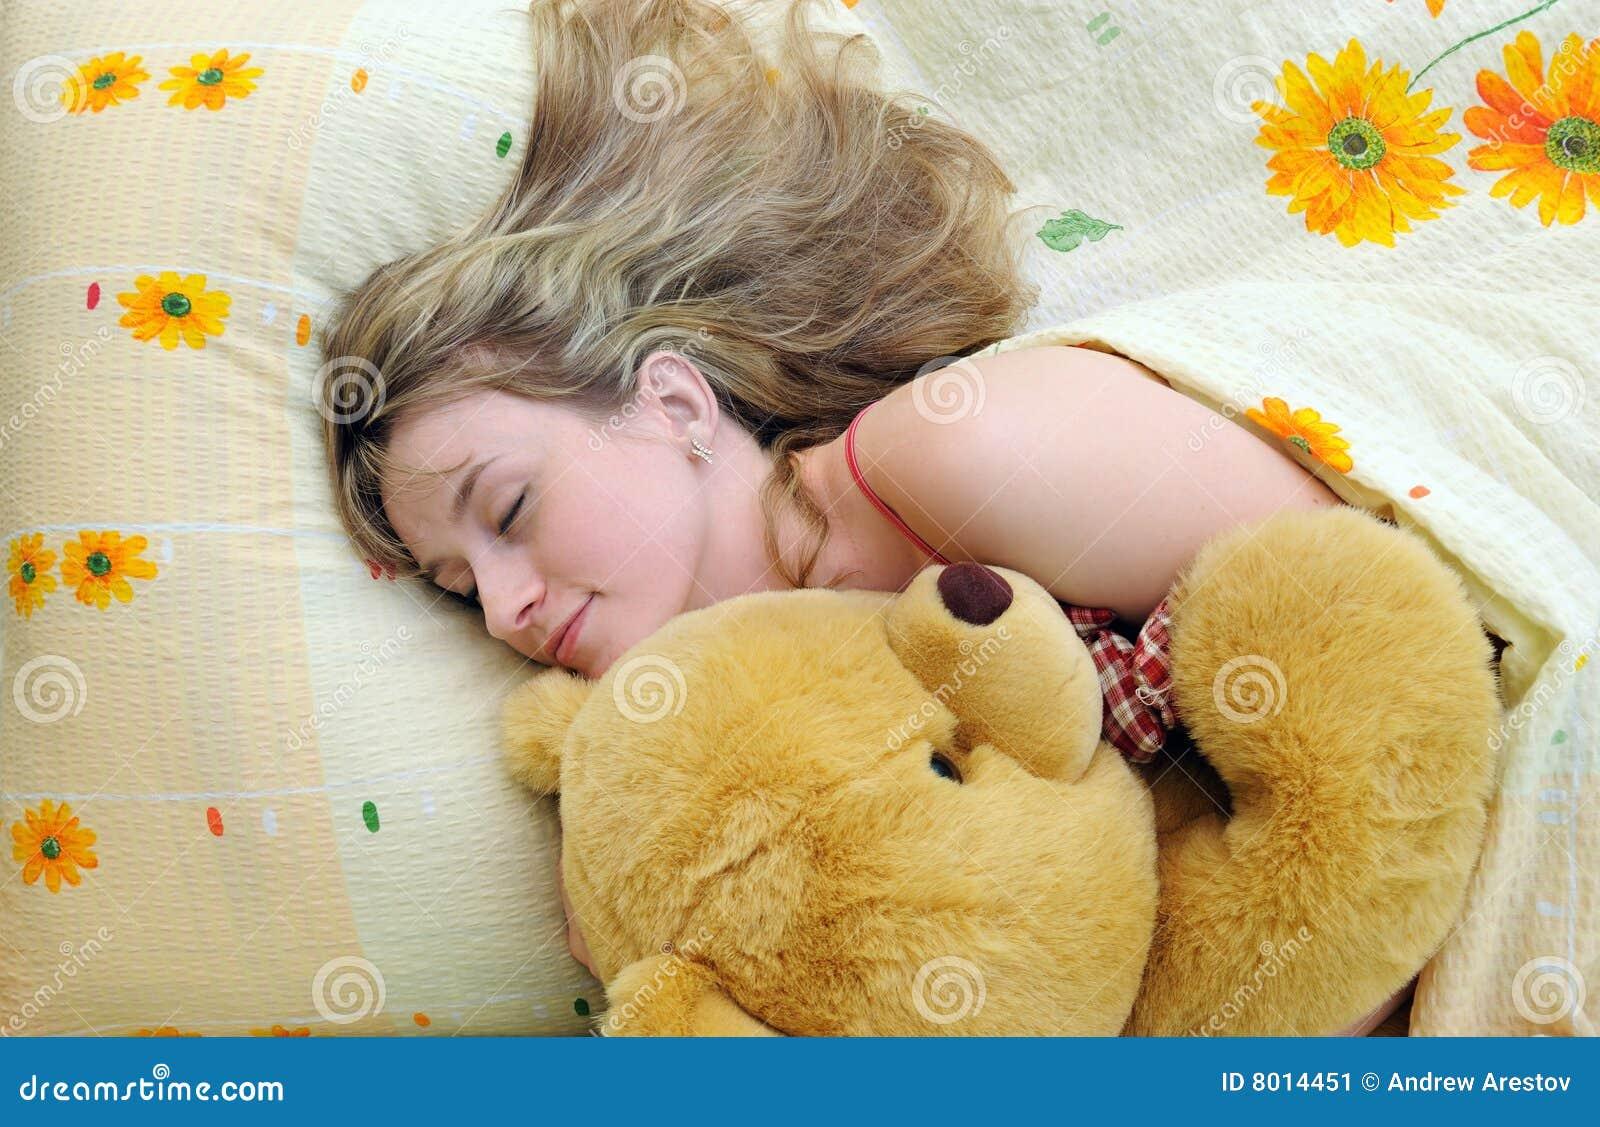 Спящая и ей толкают, Порно видео со спящими - смотреть онлайн бесплатно 28 фотография